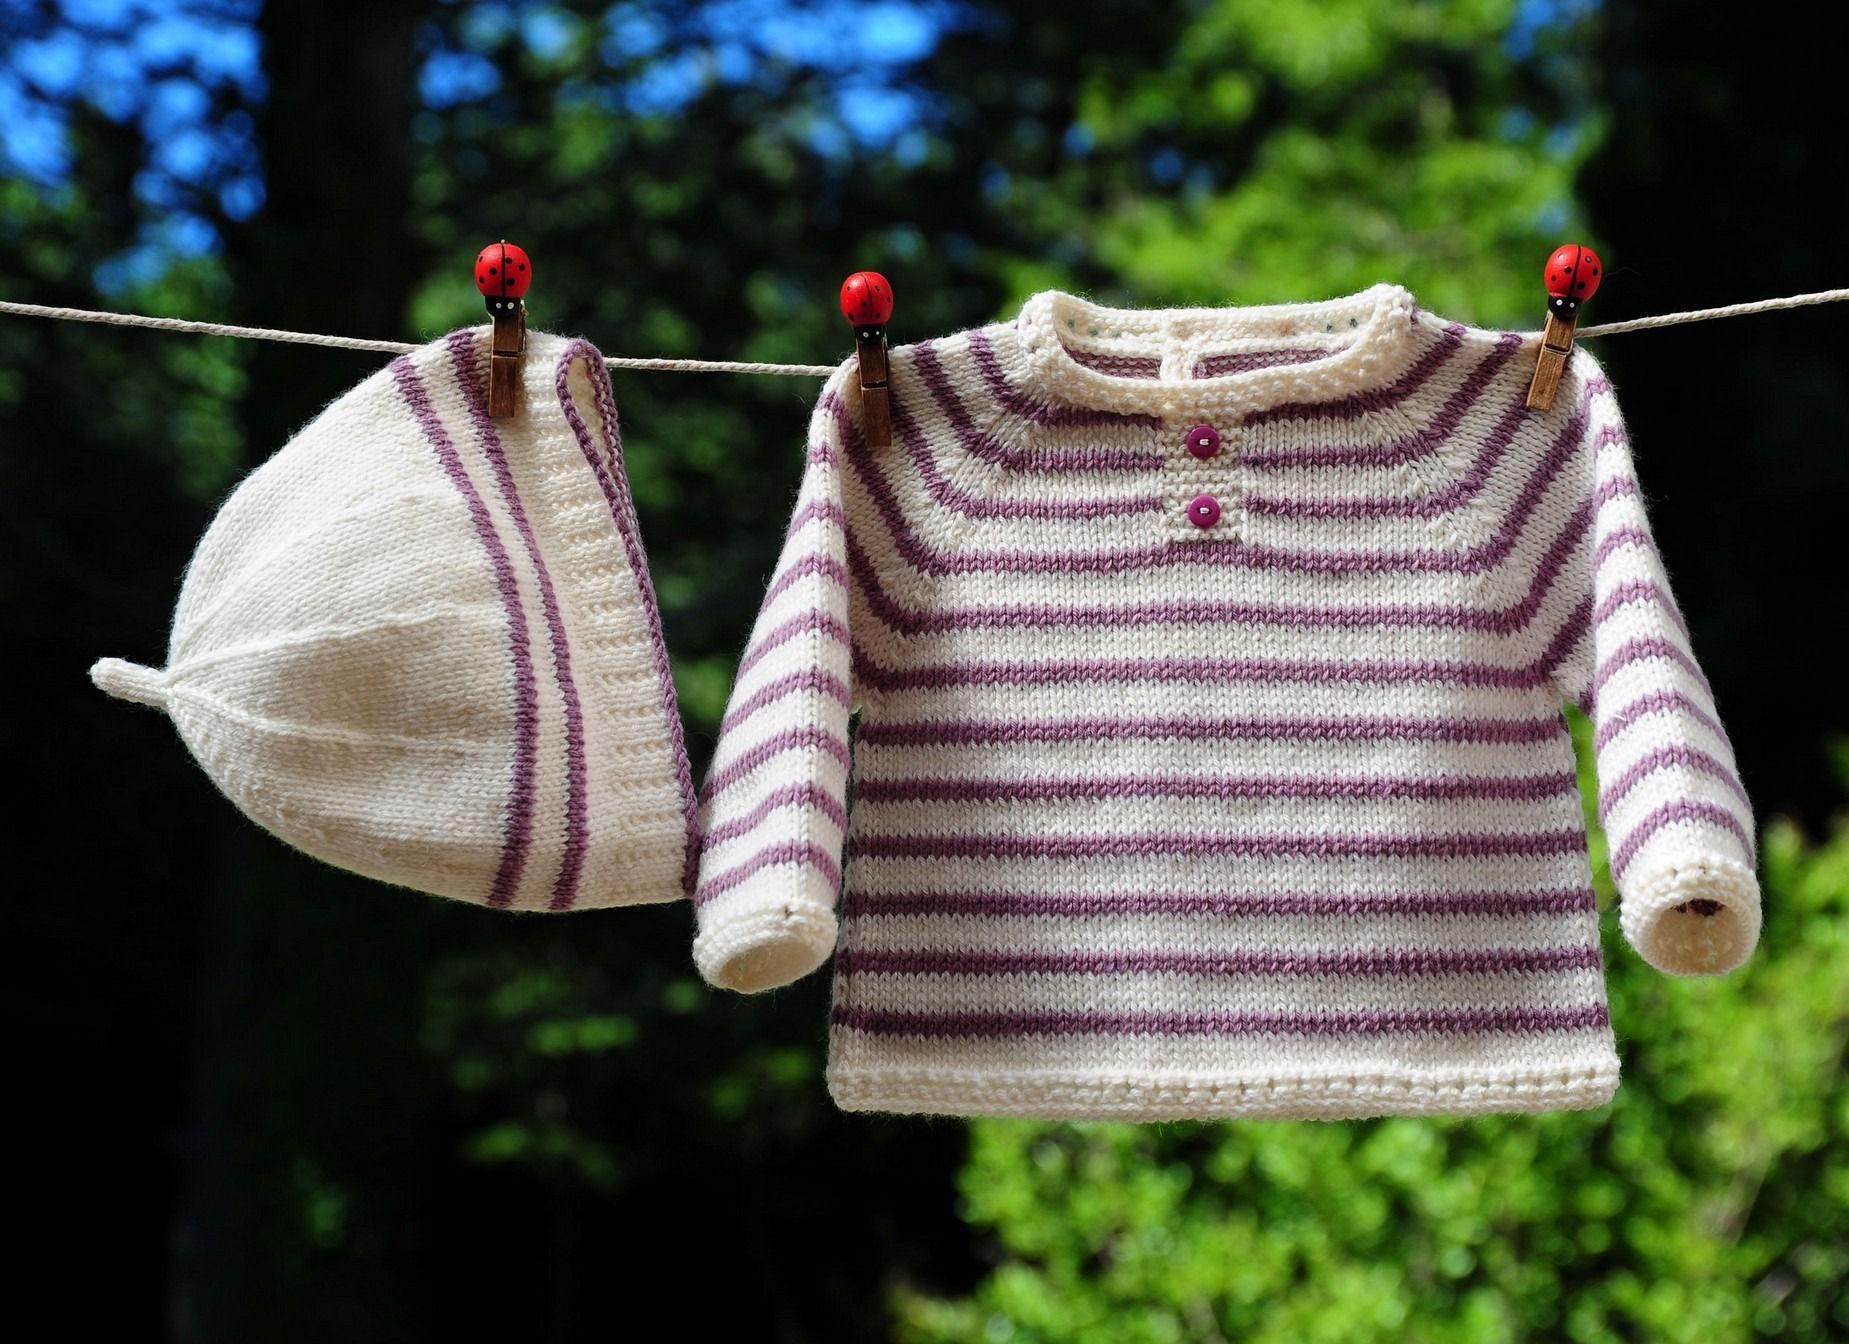 ca8234a7eb2 layette ensemble 1-3 mois blanc mauve brassière et bonnet tricoté main    Mode